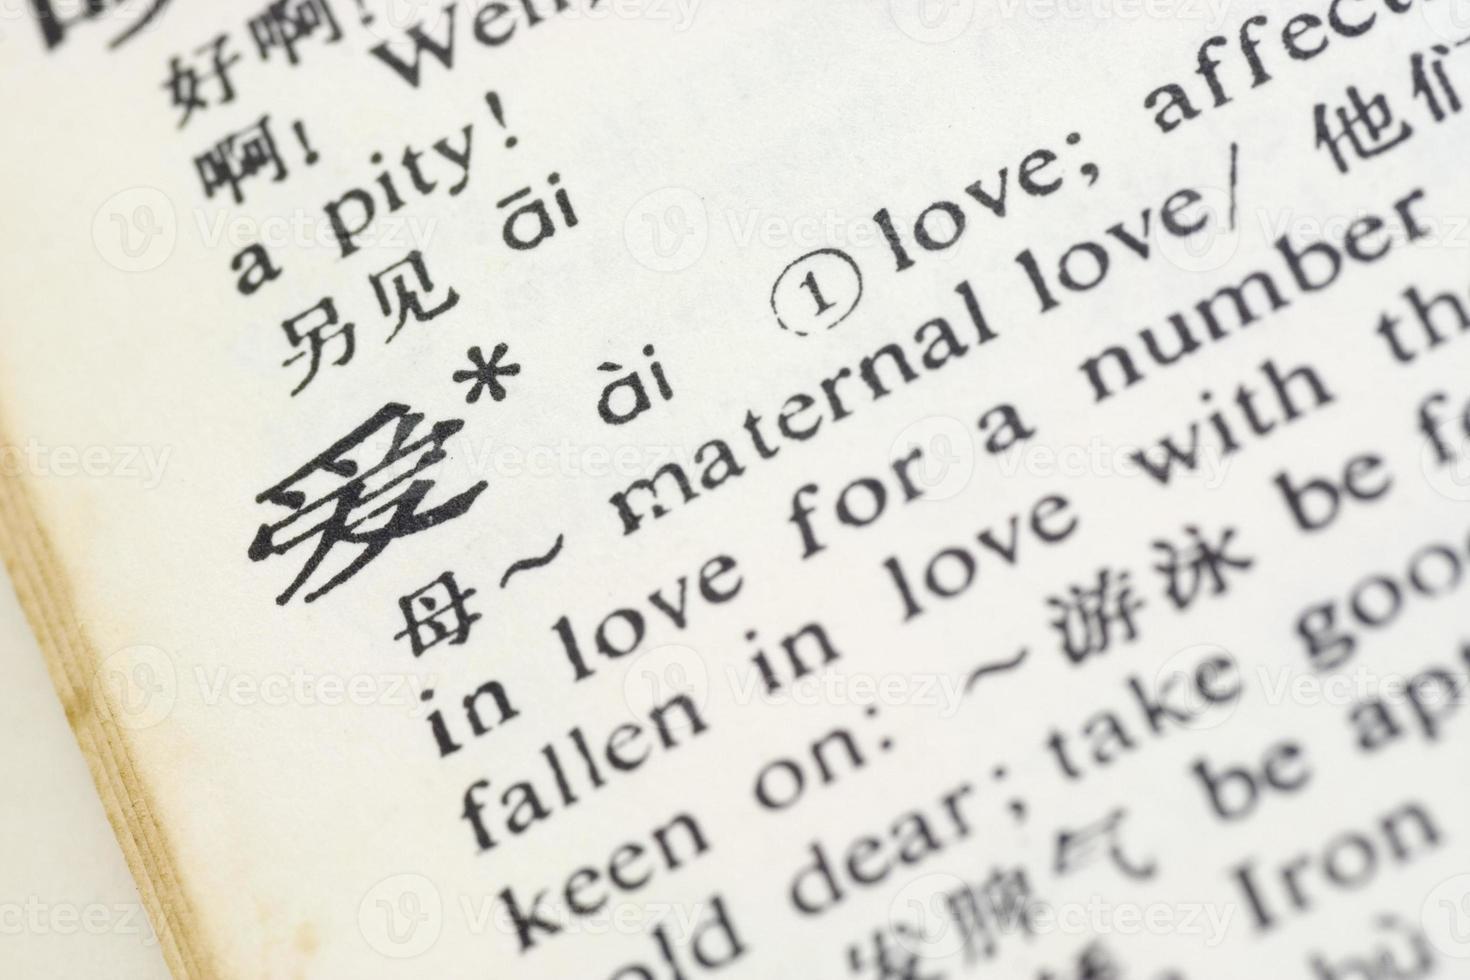 liefde geschreven in het Chinees foto